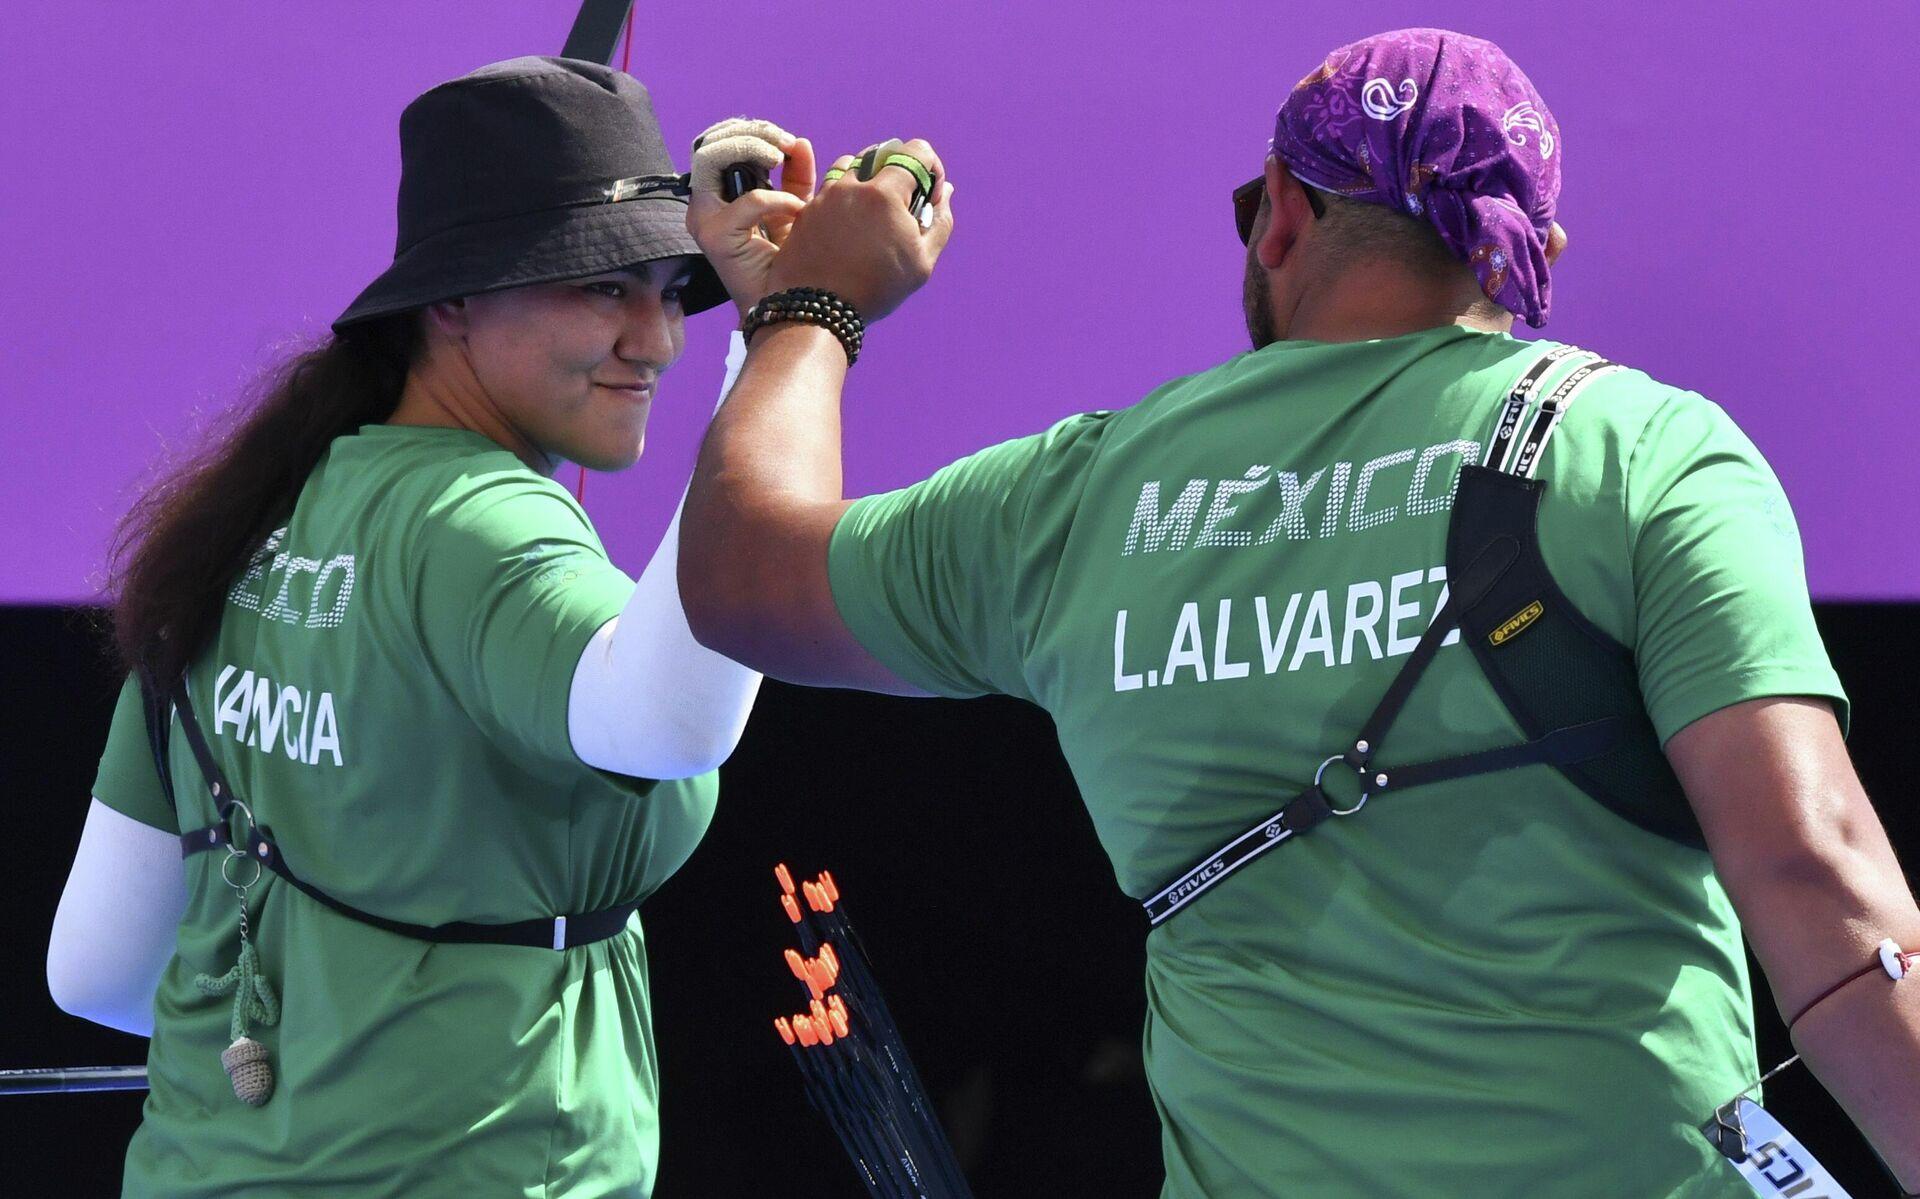 Los medallistas de bronce mexicanos en la prueba de tiro con arco mixto, Alejandra Valencia y Luis Álvarez  - Sputnik Mundo, 1920, 30.07.2021